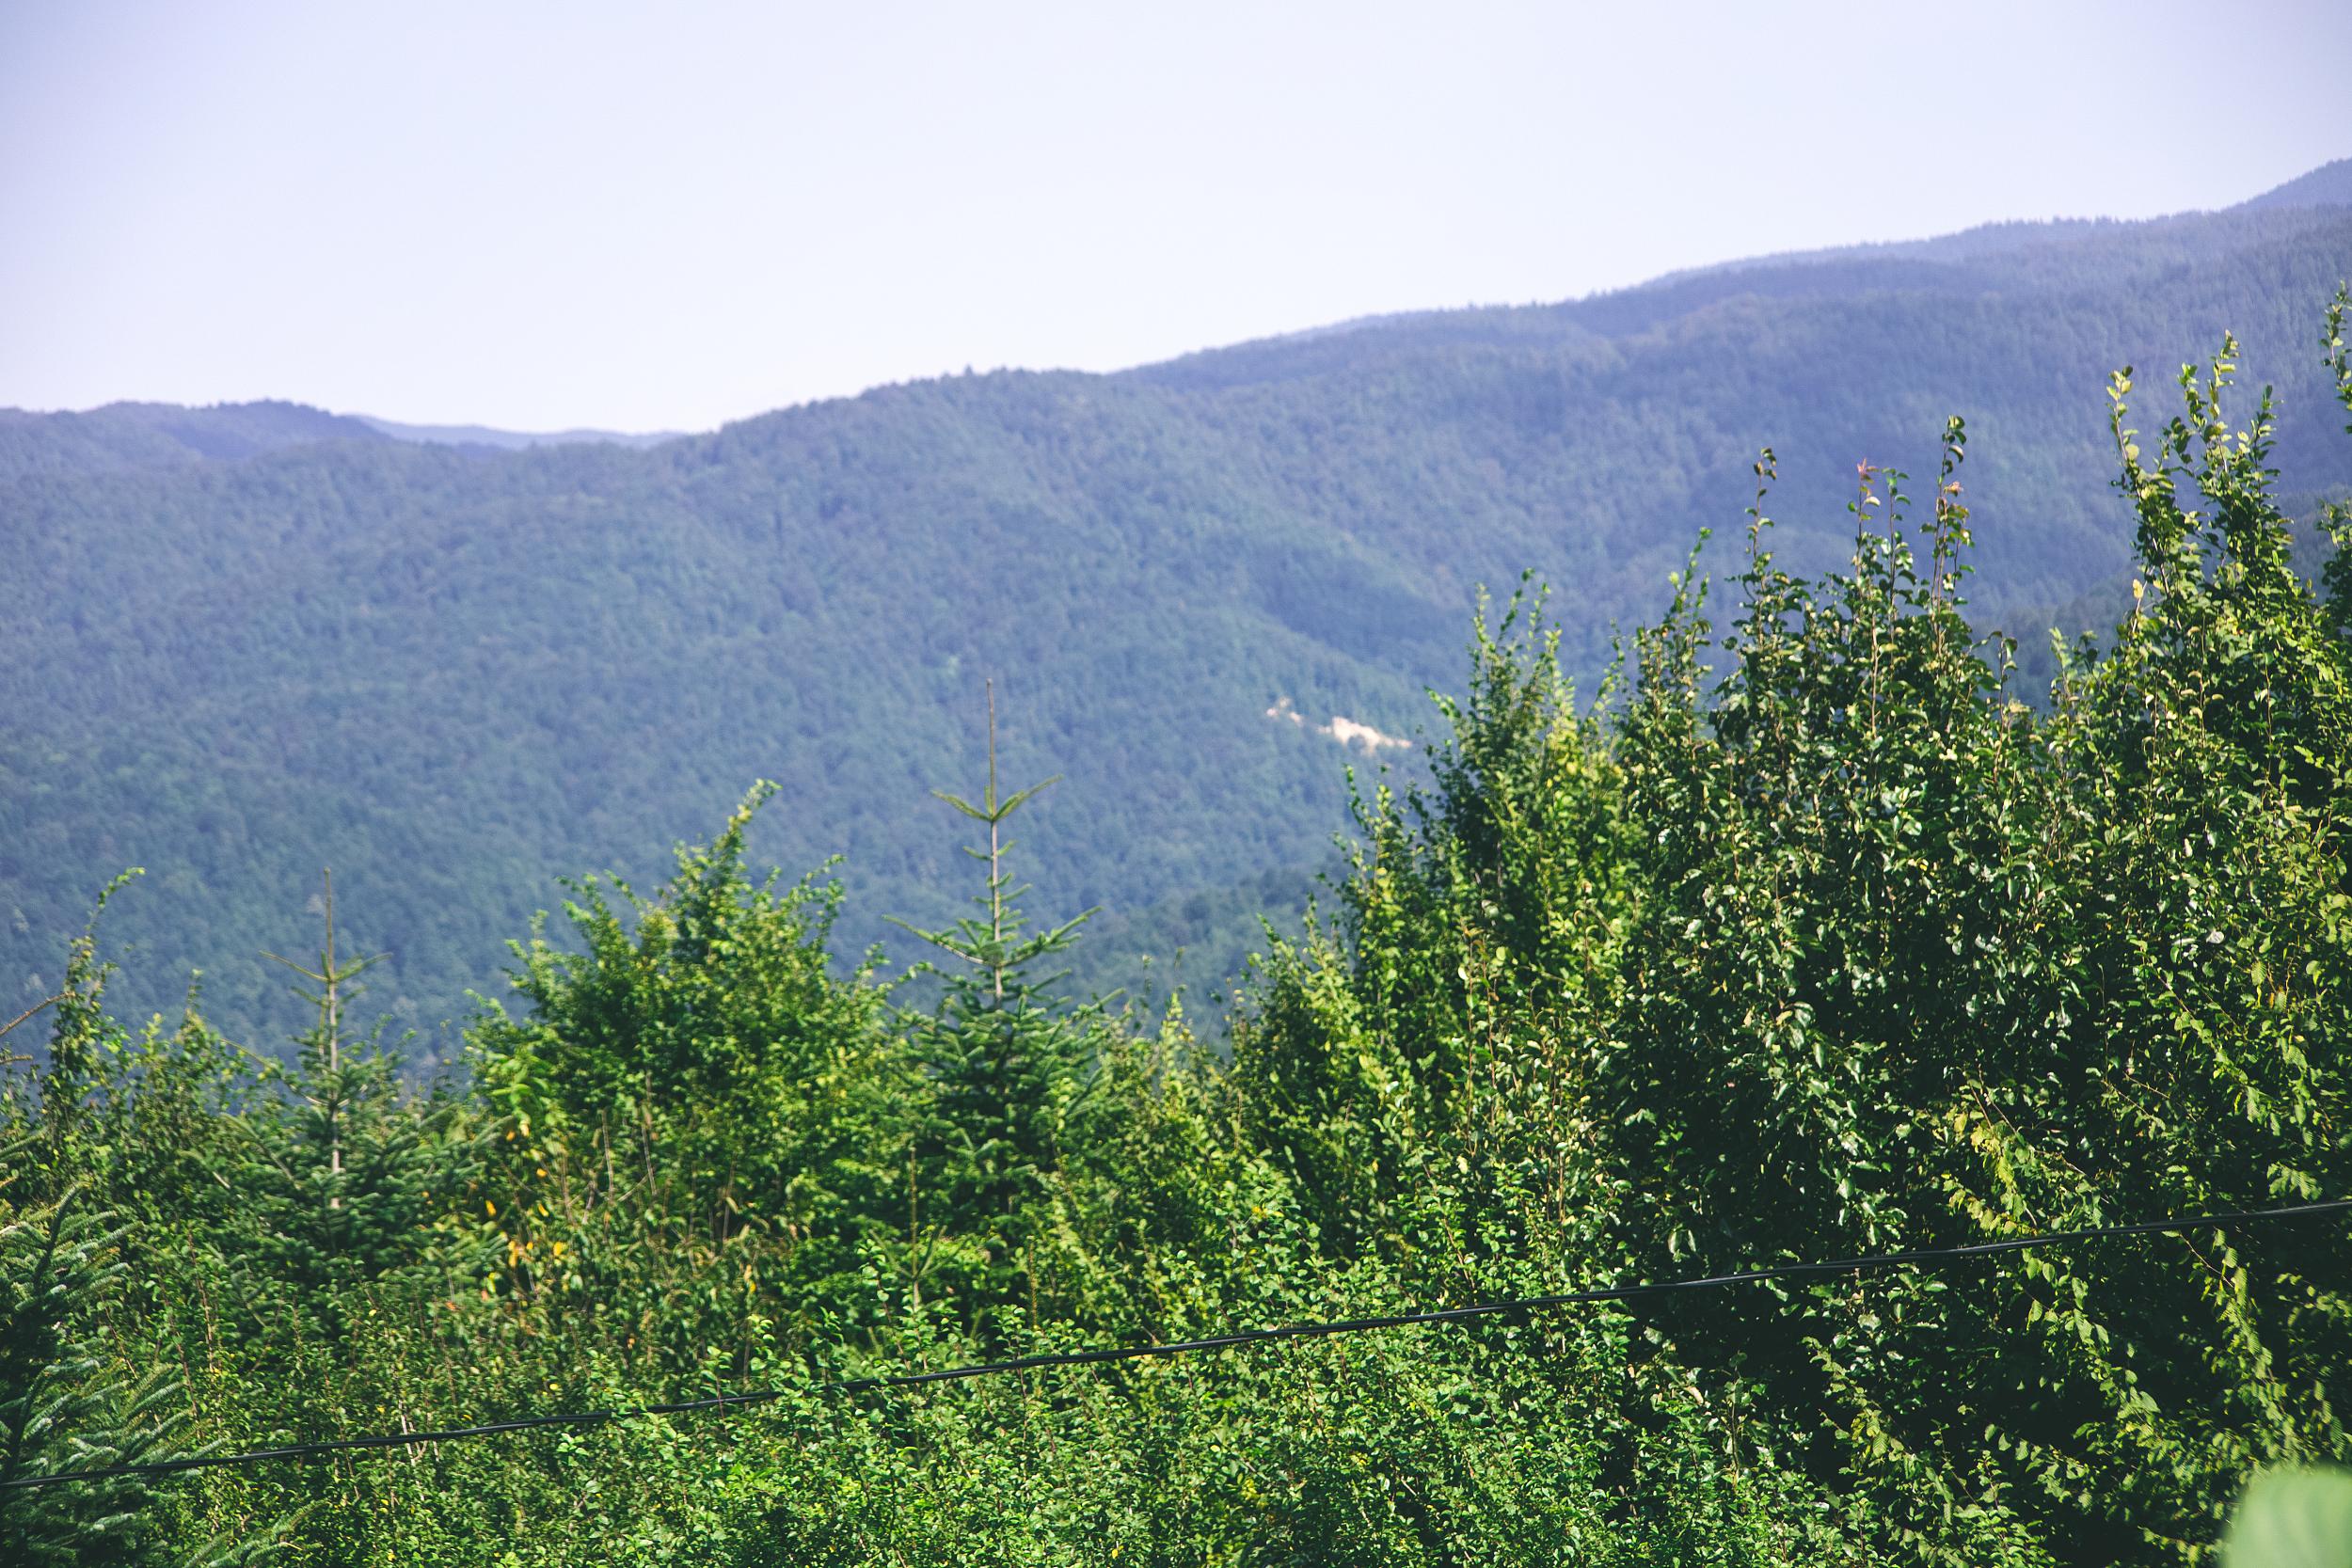 Wild River Mountain Scenic Area